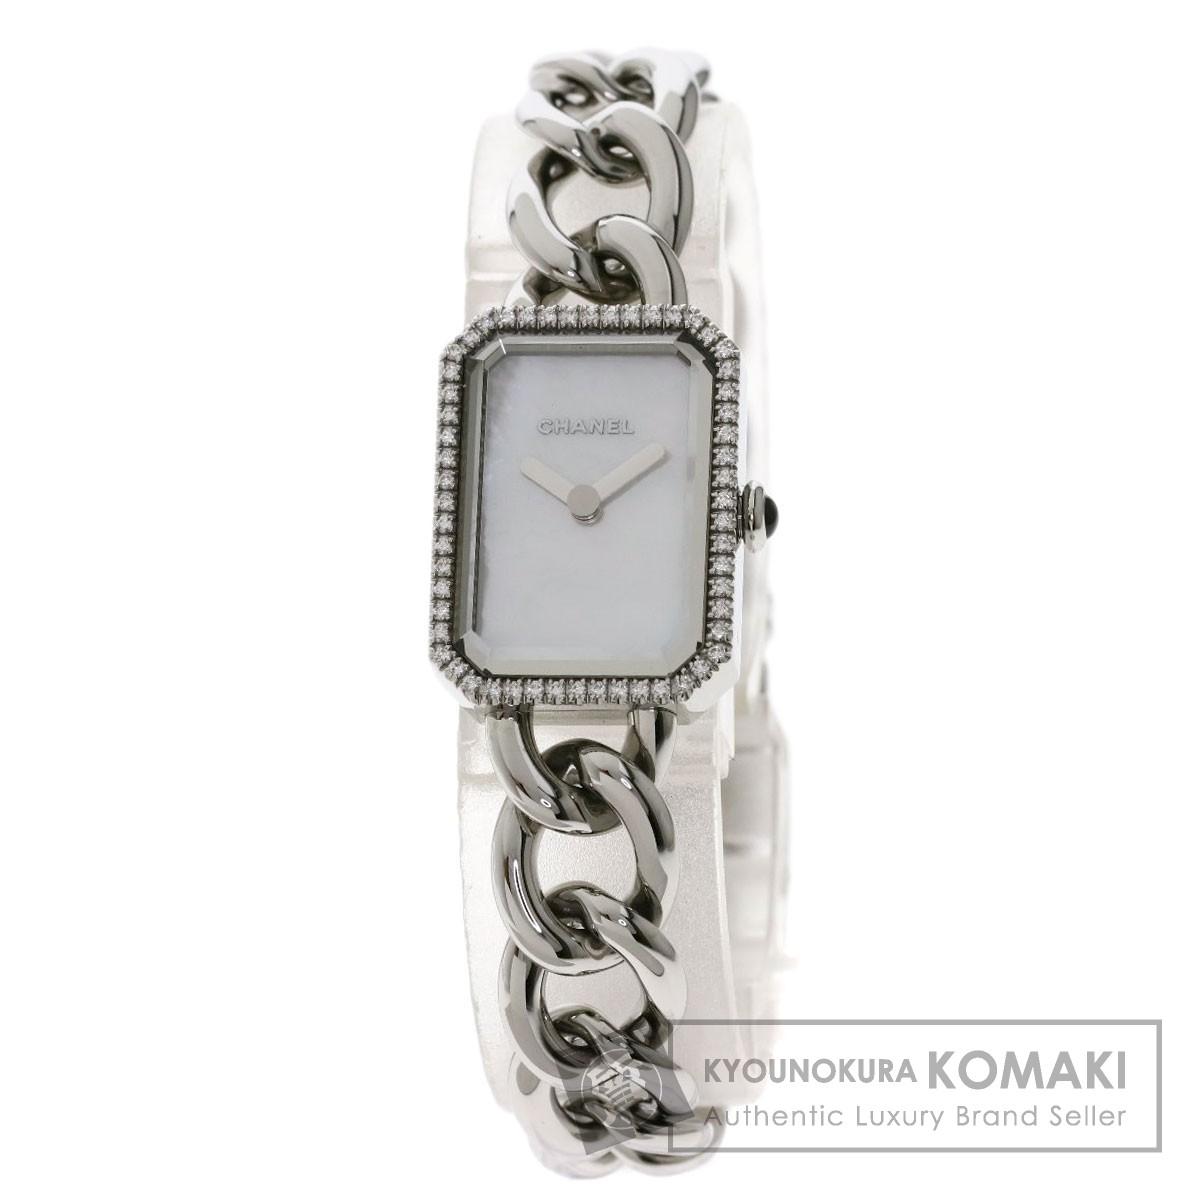 シャネル H3253 プルミエール 腕時計 ステンレススチール/SS/ダイヤモンド レディース 【中古】【CHANEL】